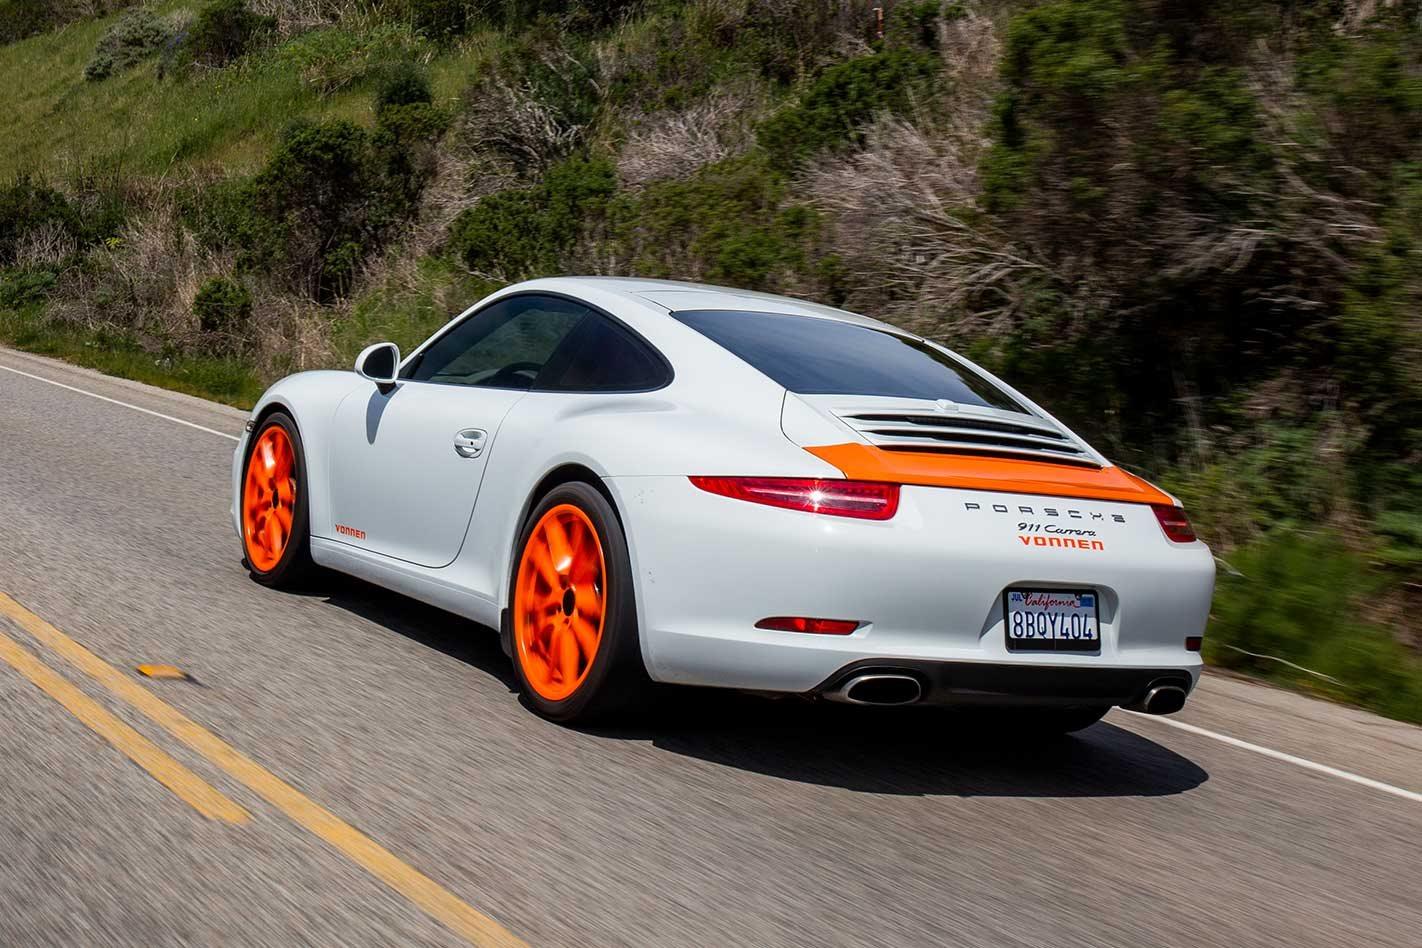 Vonnen Carrera 3.4 hybrid 911 review